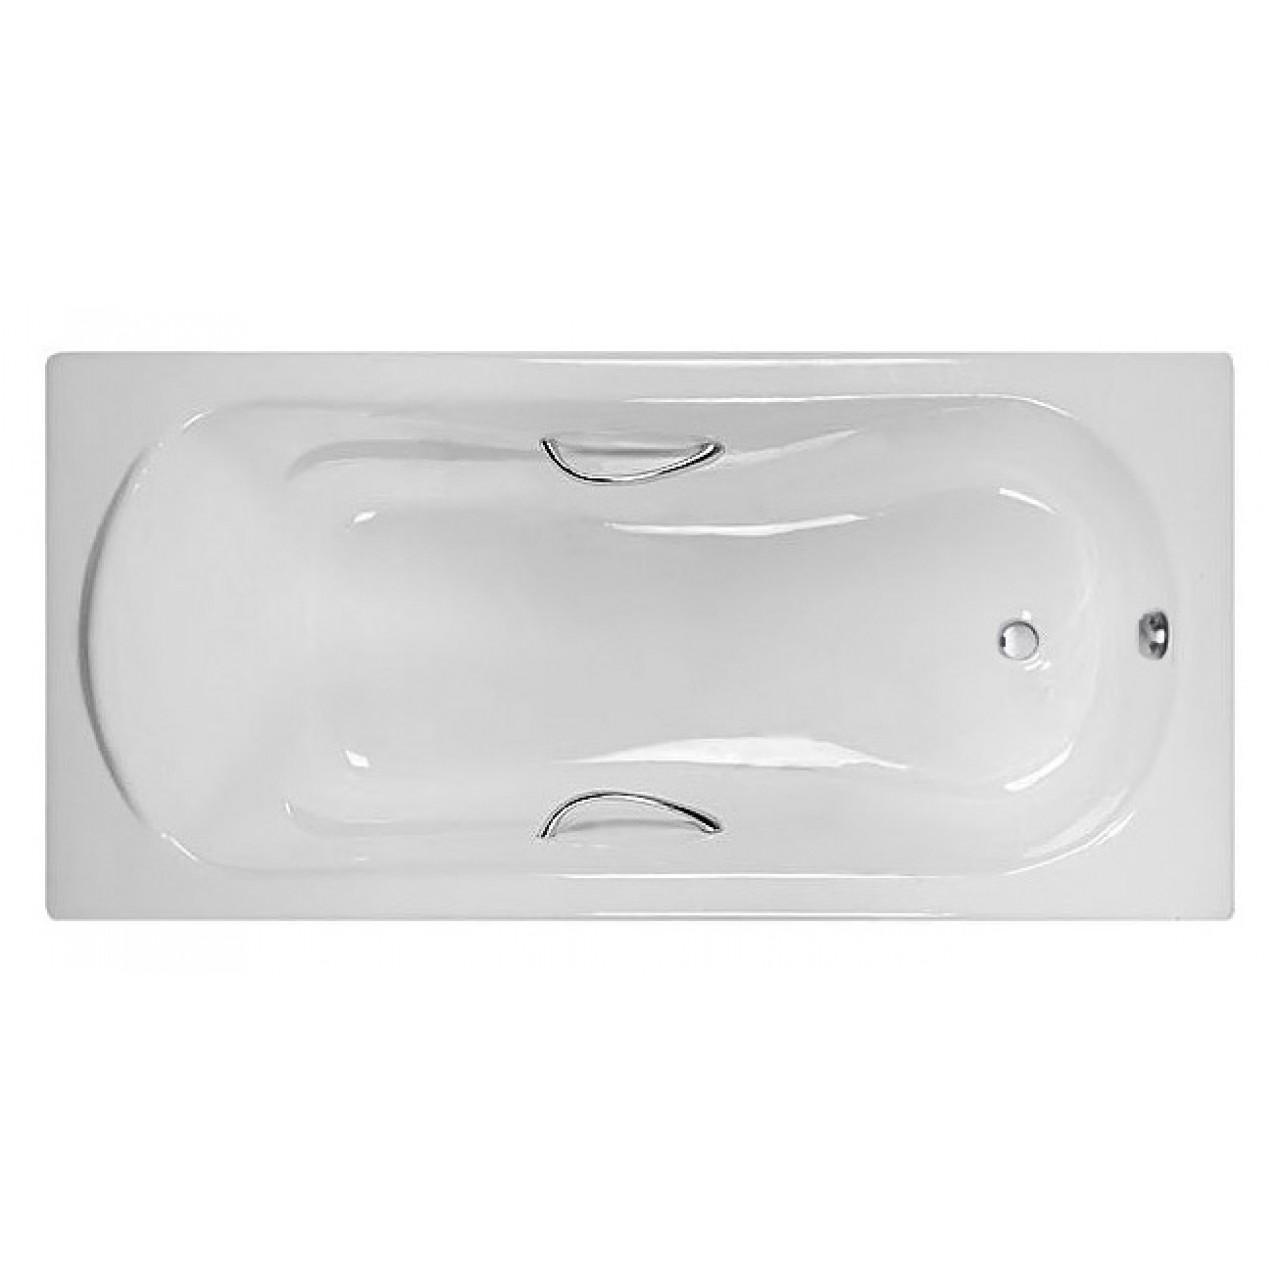 Чугунная ванна Castalia Venera 1700х800х42 с ручками купить в Москве по цене от 29300р. в интернет-магазине mebel-v-vannu.ru